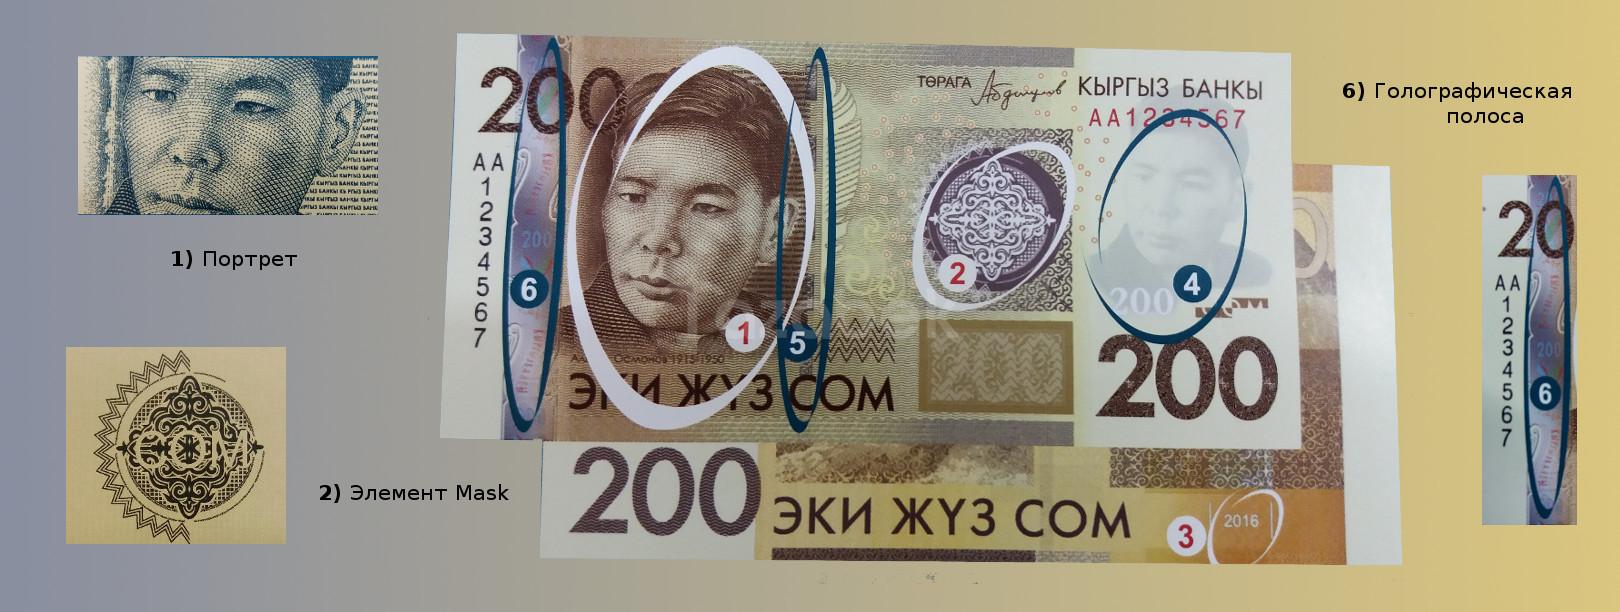 200 сомов сборка